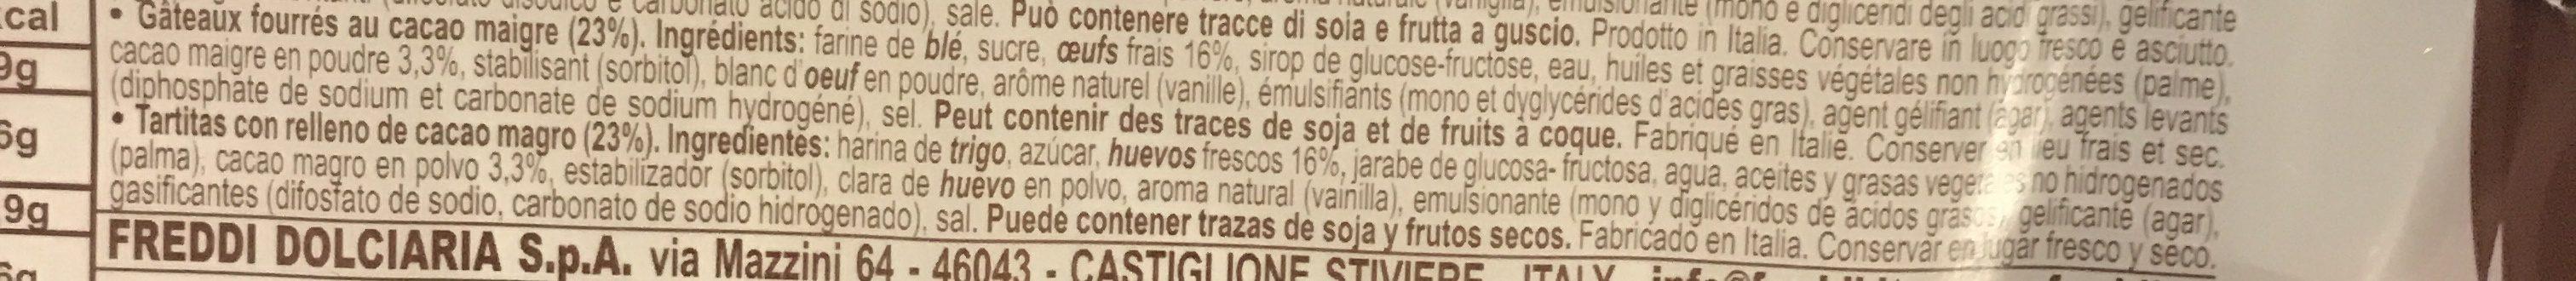 Dolcetto - gâteaux fourrés au cacao maigre - Ingrédients - fr